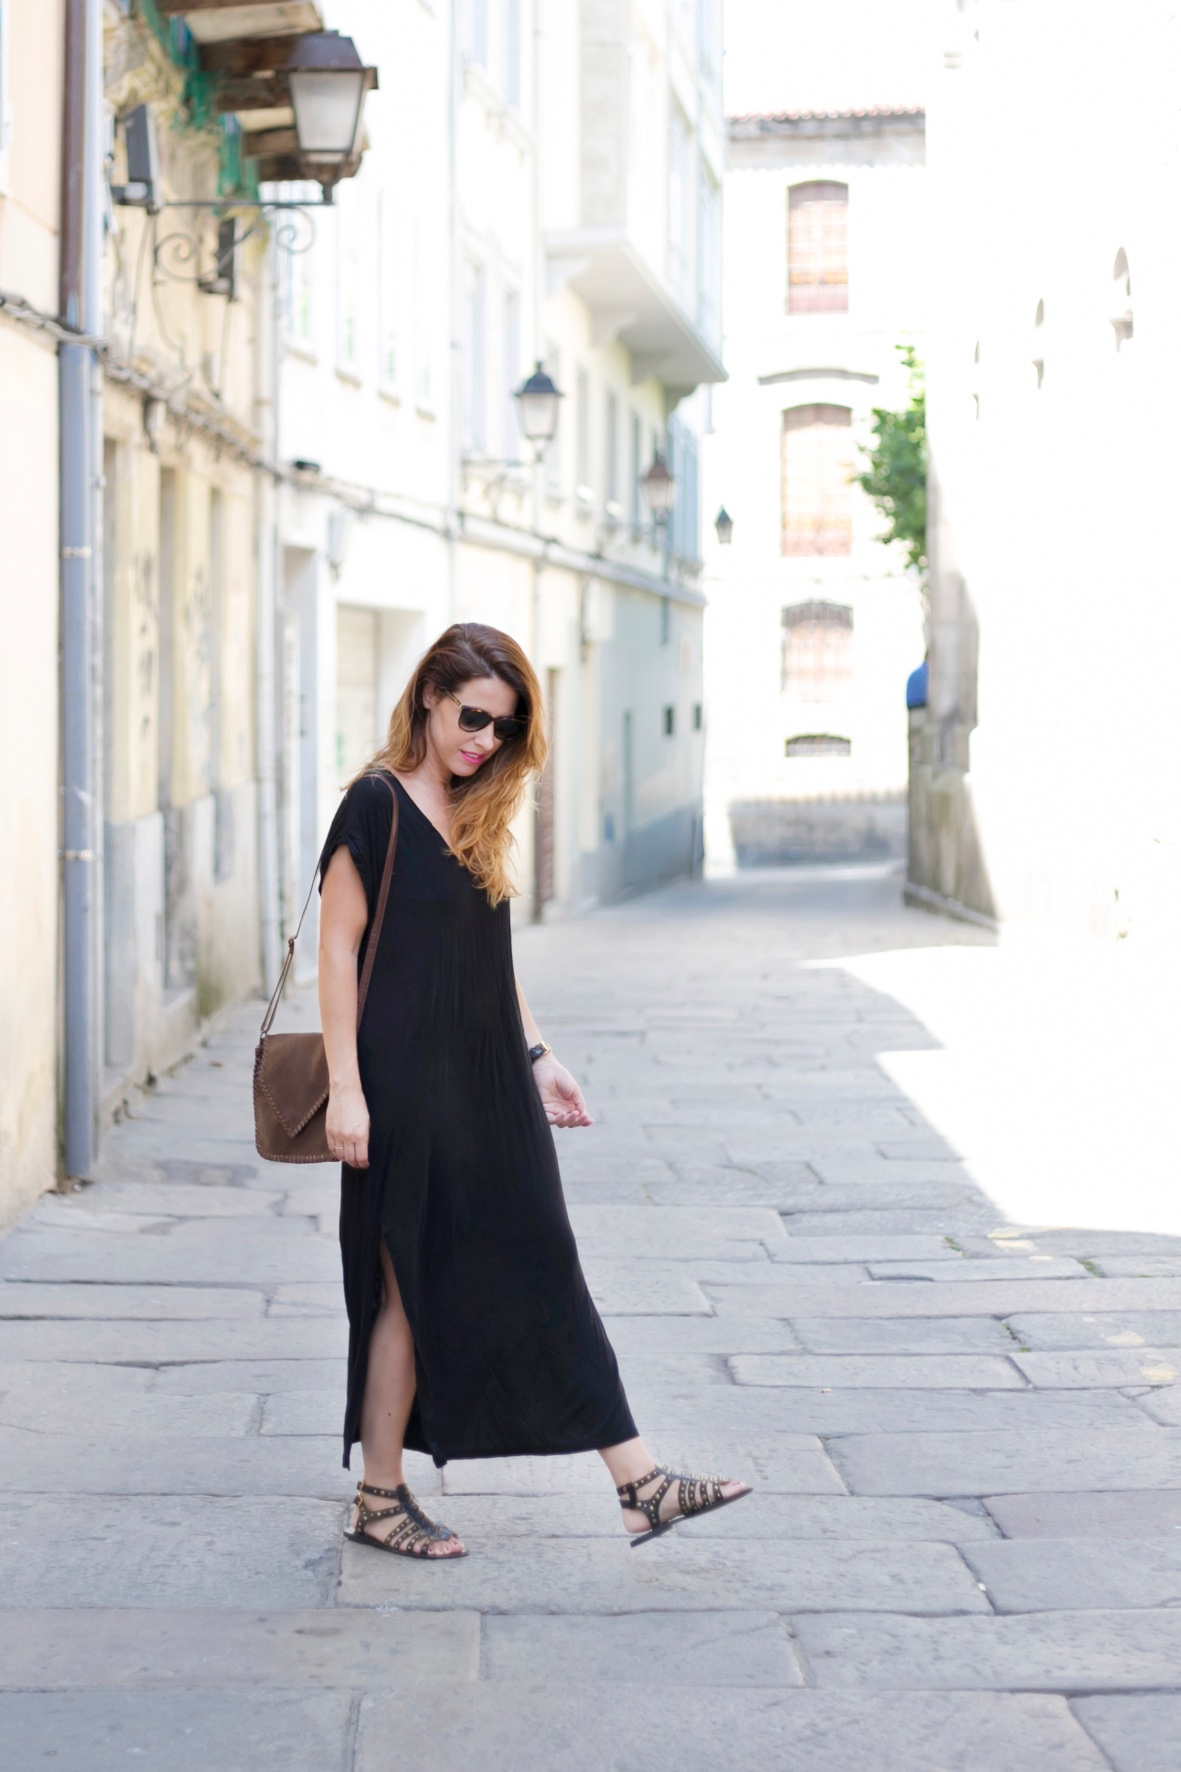 street-style-dress-fashion-black-descalzaporelparque-coruña-stylelovely